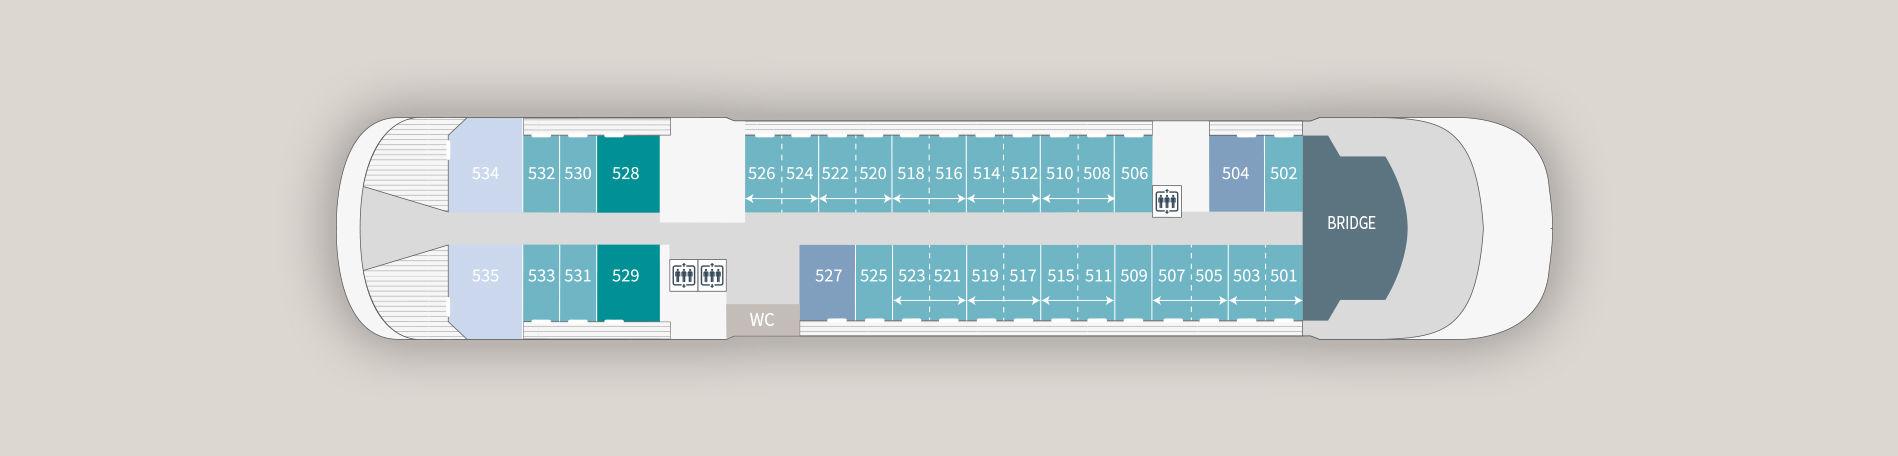 Ponant Le Laperouse Deck Plans Deck 5.jpg